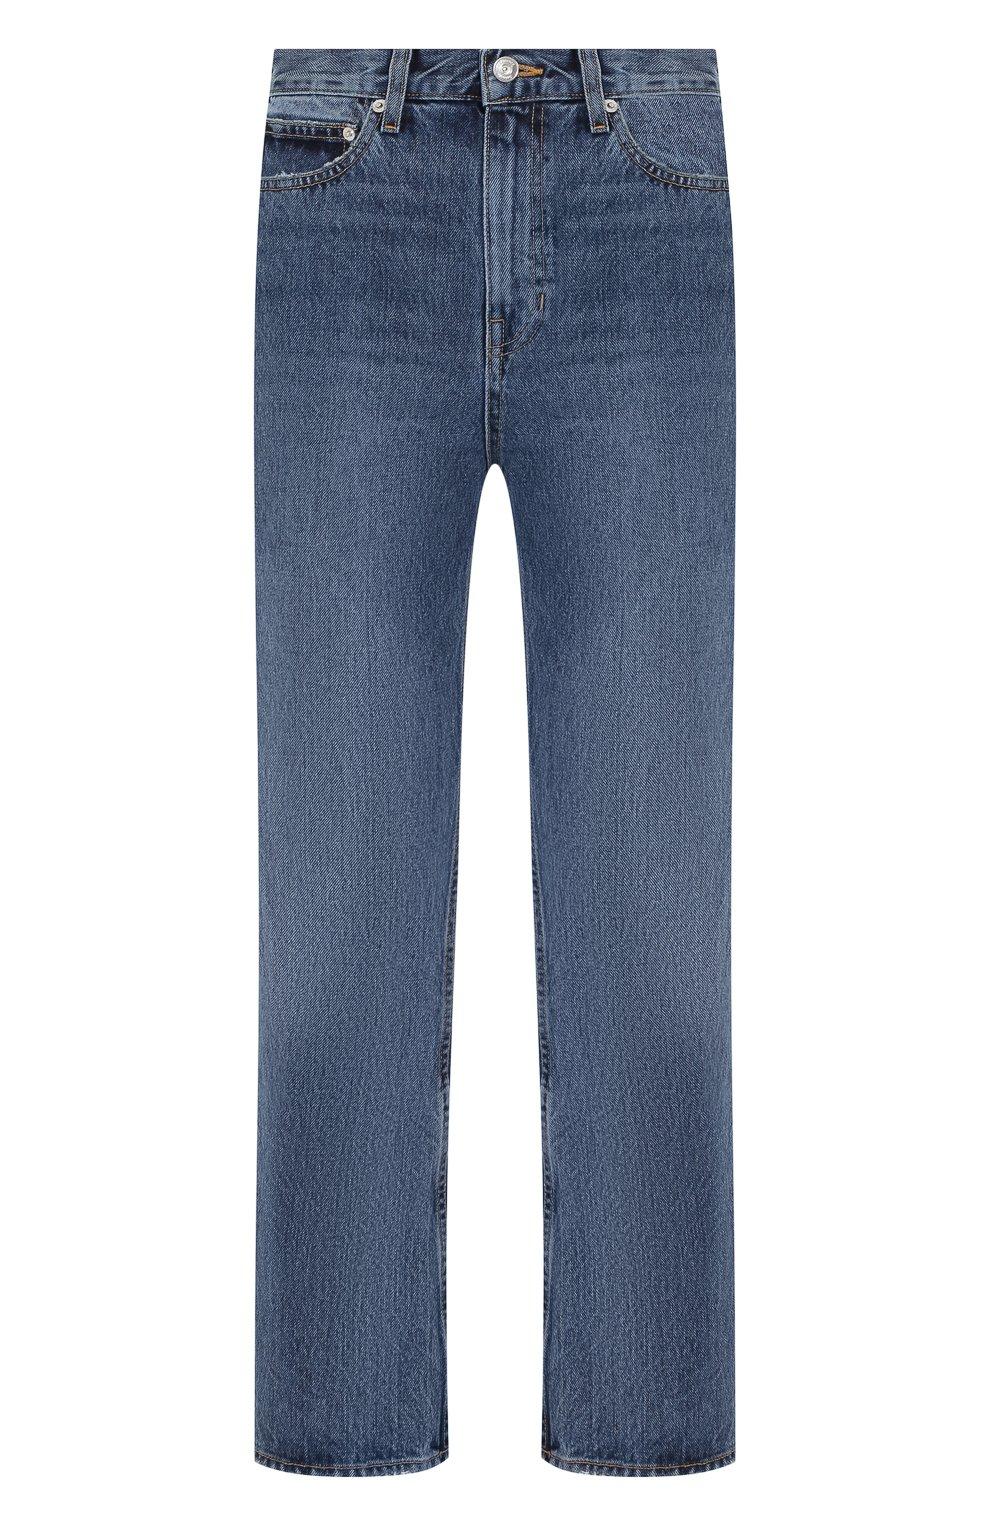 Укороченные джинсы Proenza Schouler голубые | Фото №1